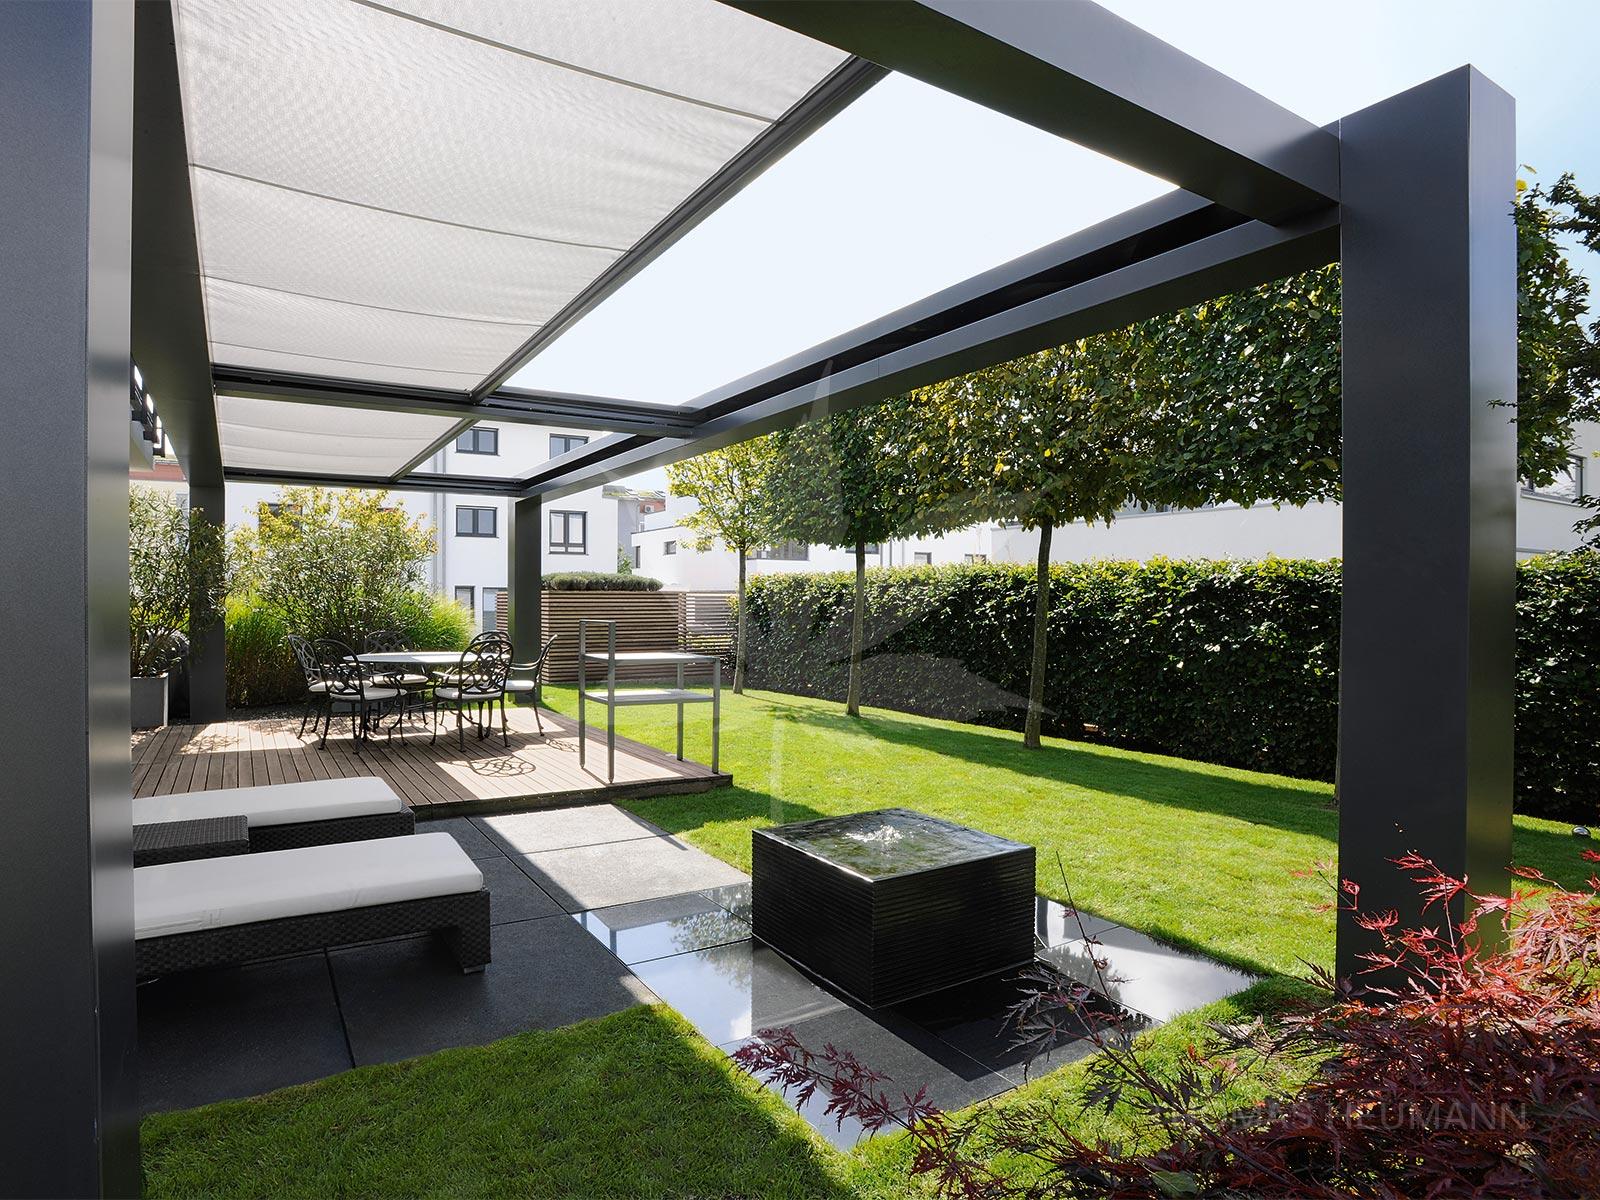 Faszinierend Sonnenschutz Dachterrasse Galerie Von Thomas Heumann Gartenanlagen